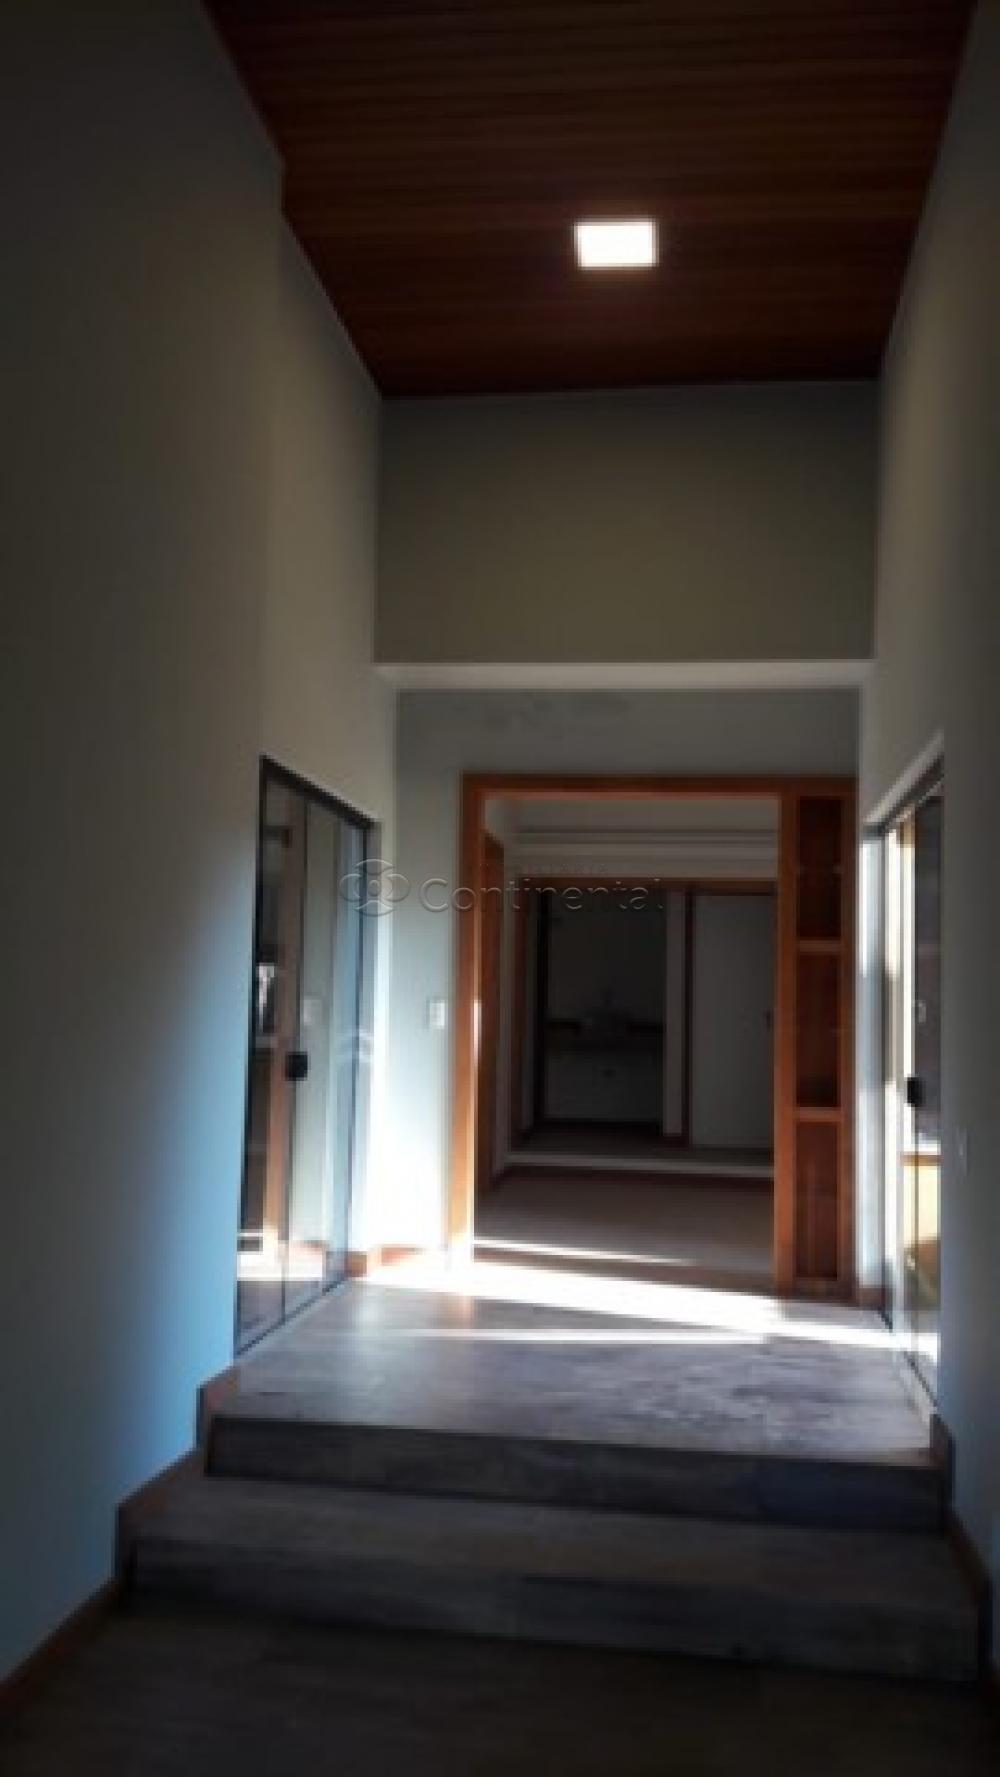 Comprar Casa / Padrão em Dourados R$ 1.200.000,00 - Foto 3